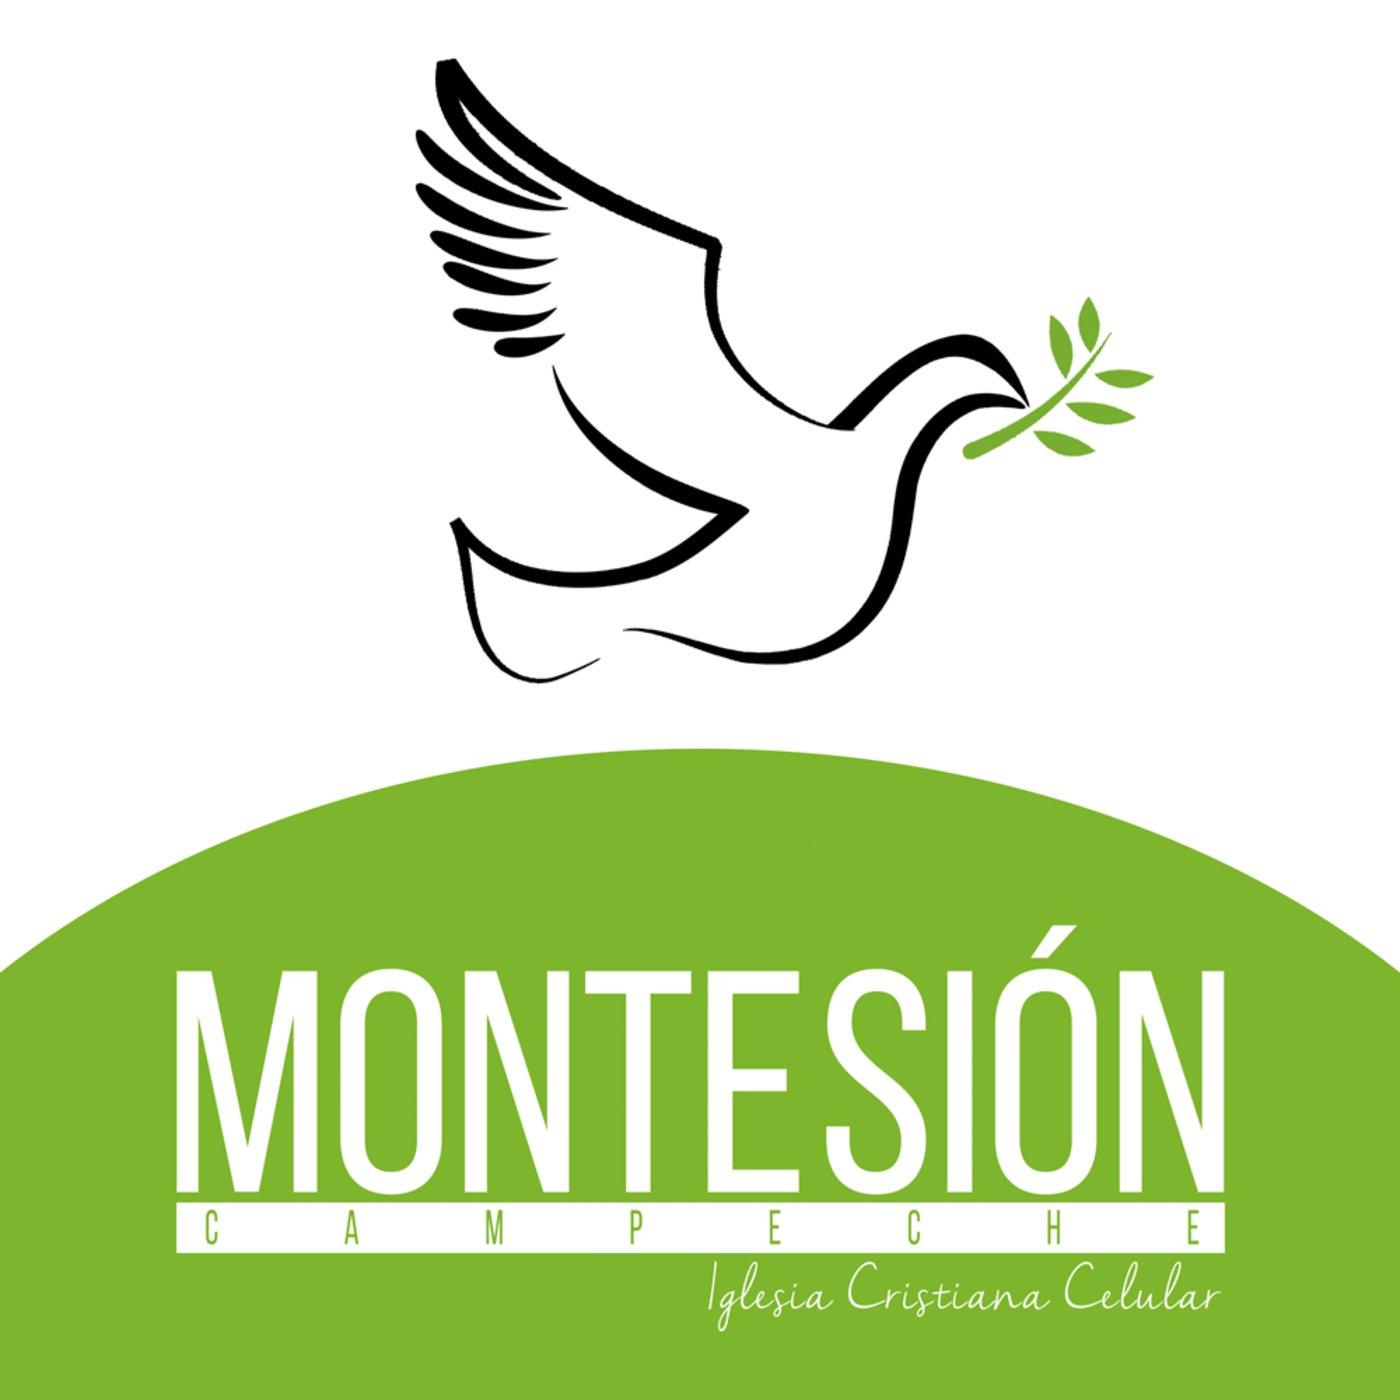 <![CDATA[Monte Sión Campeche]]>